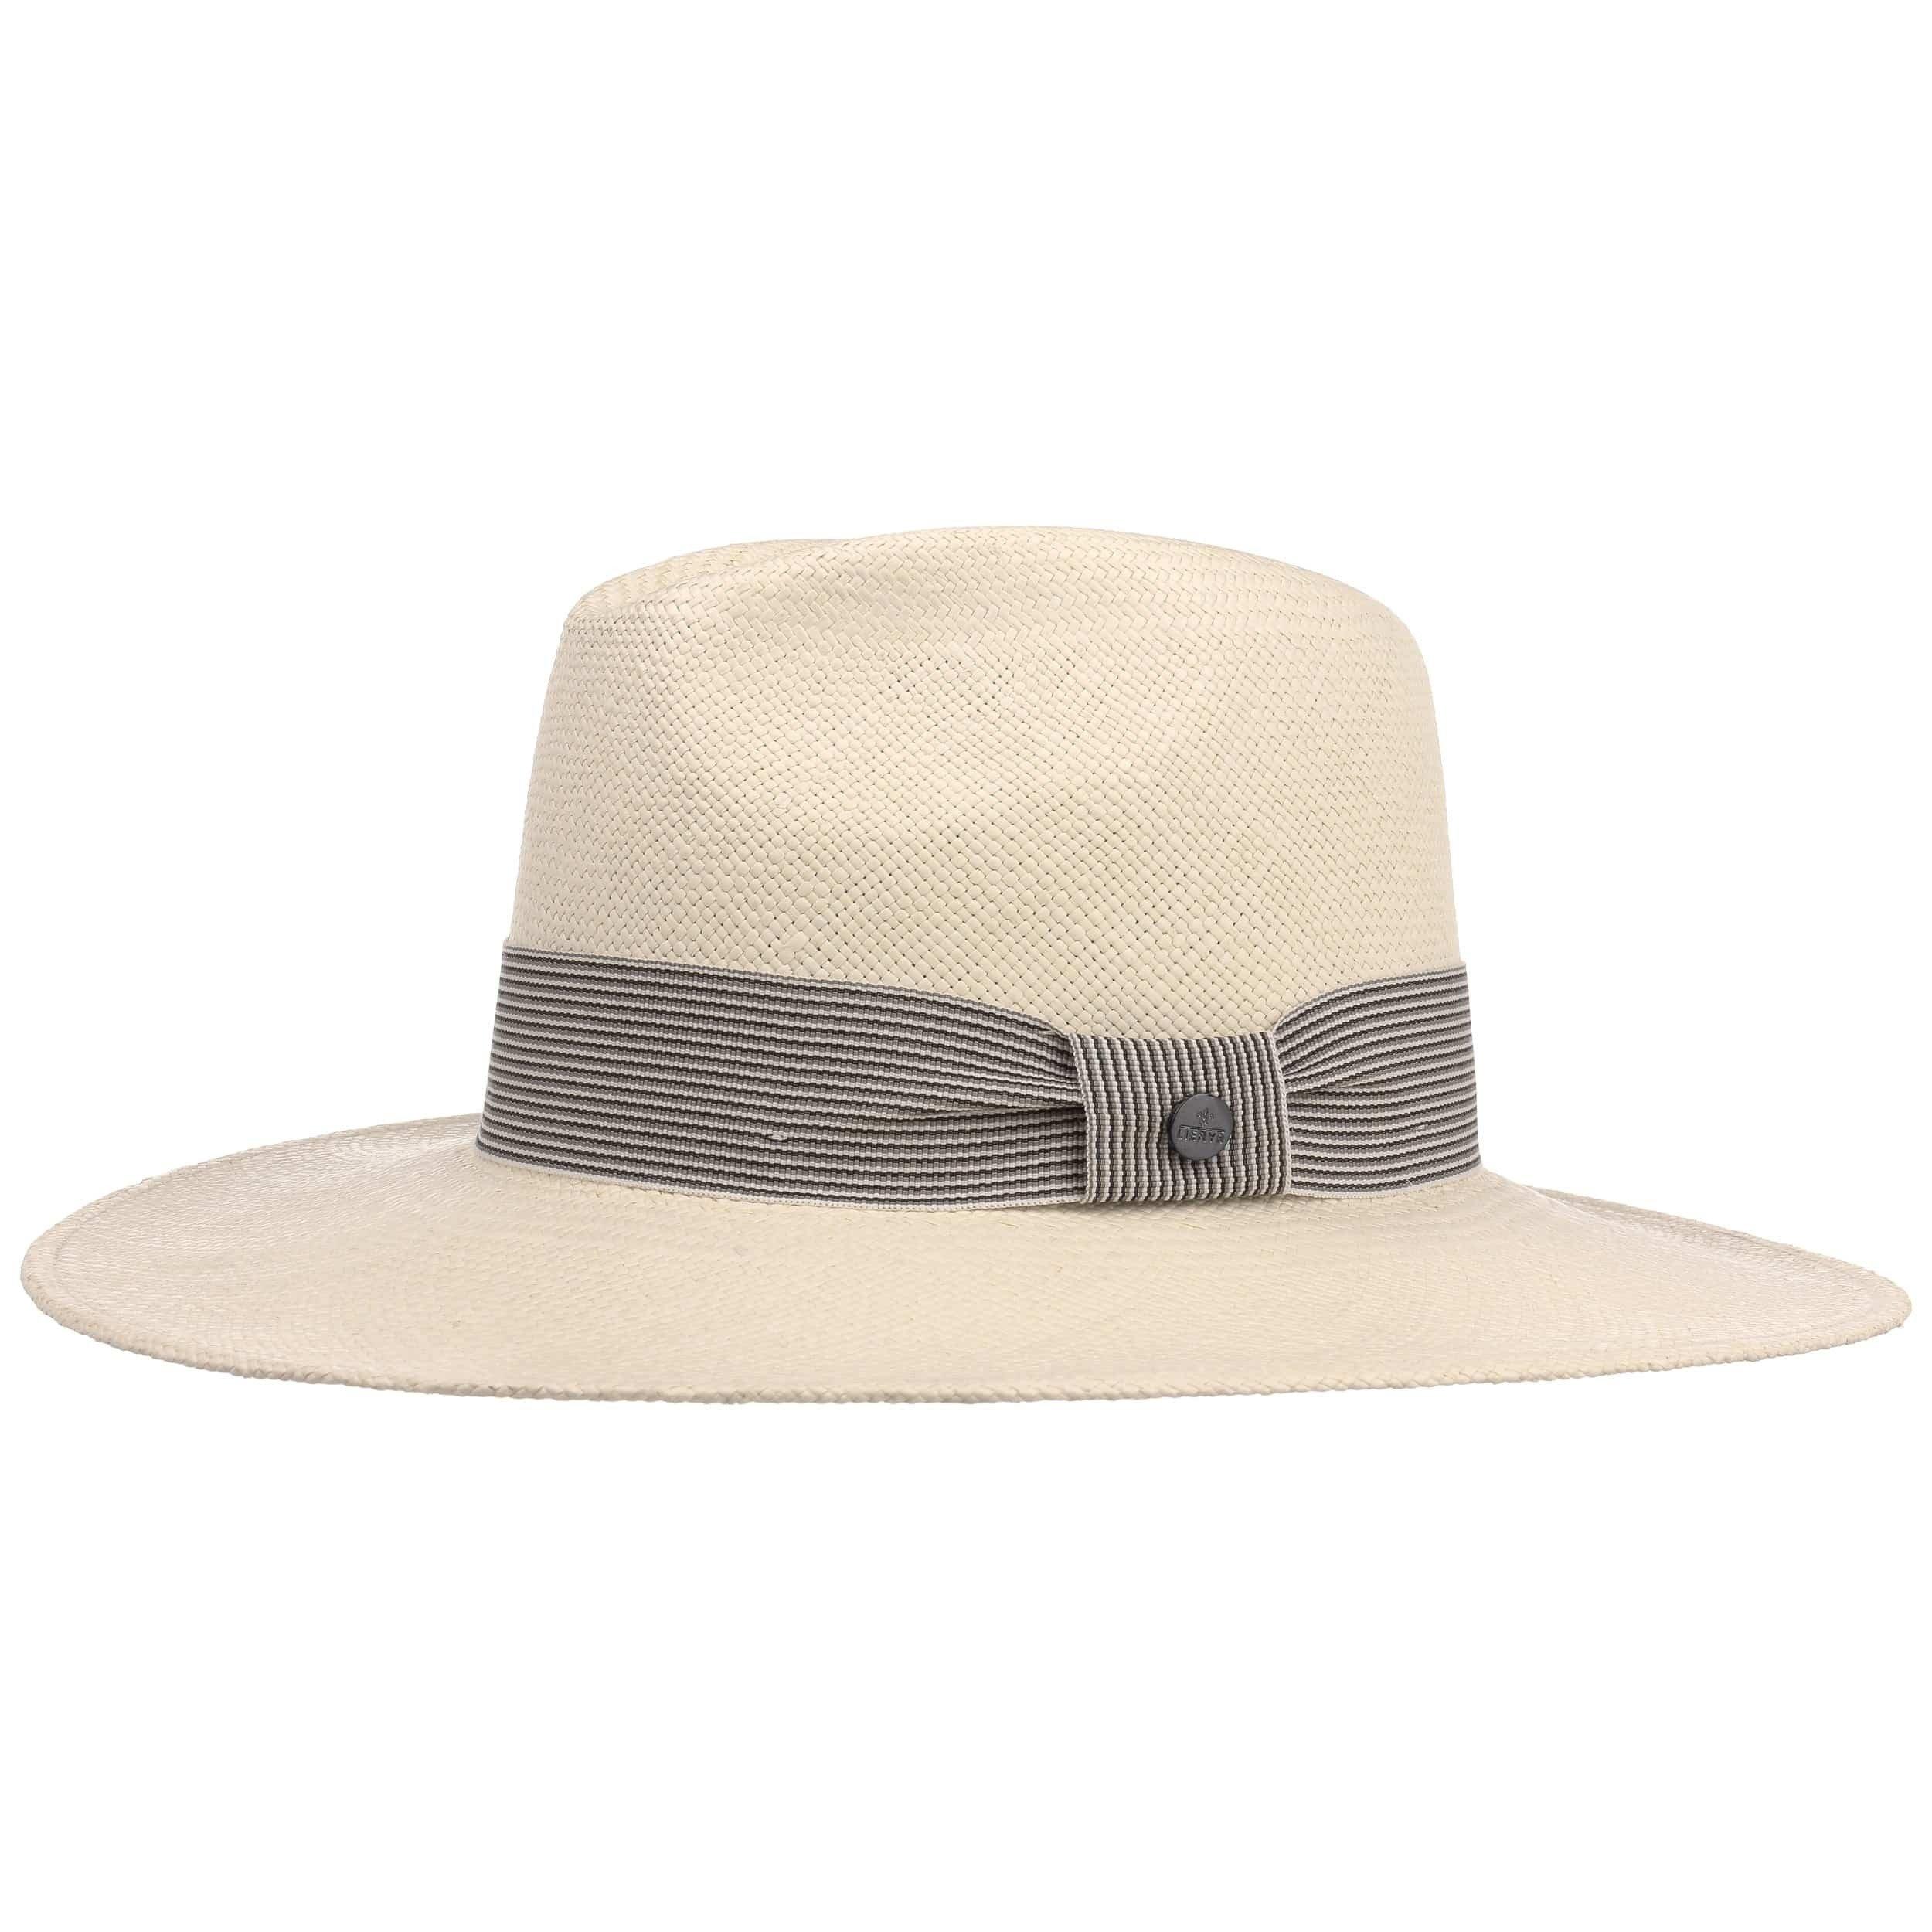 Coloured Trim Panama Hat by Lierys Sun hats Lierys yS15aP06